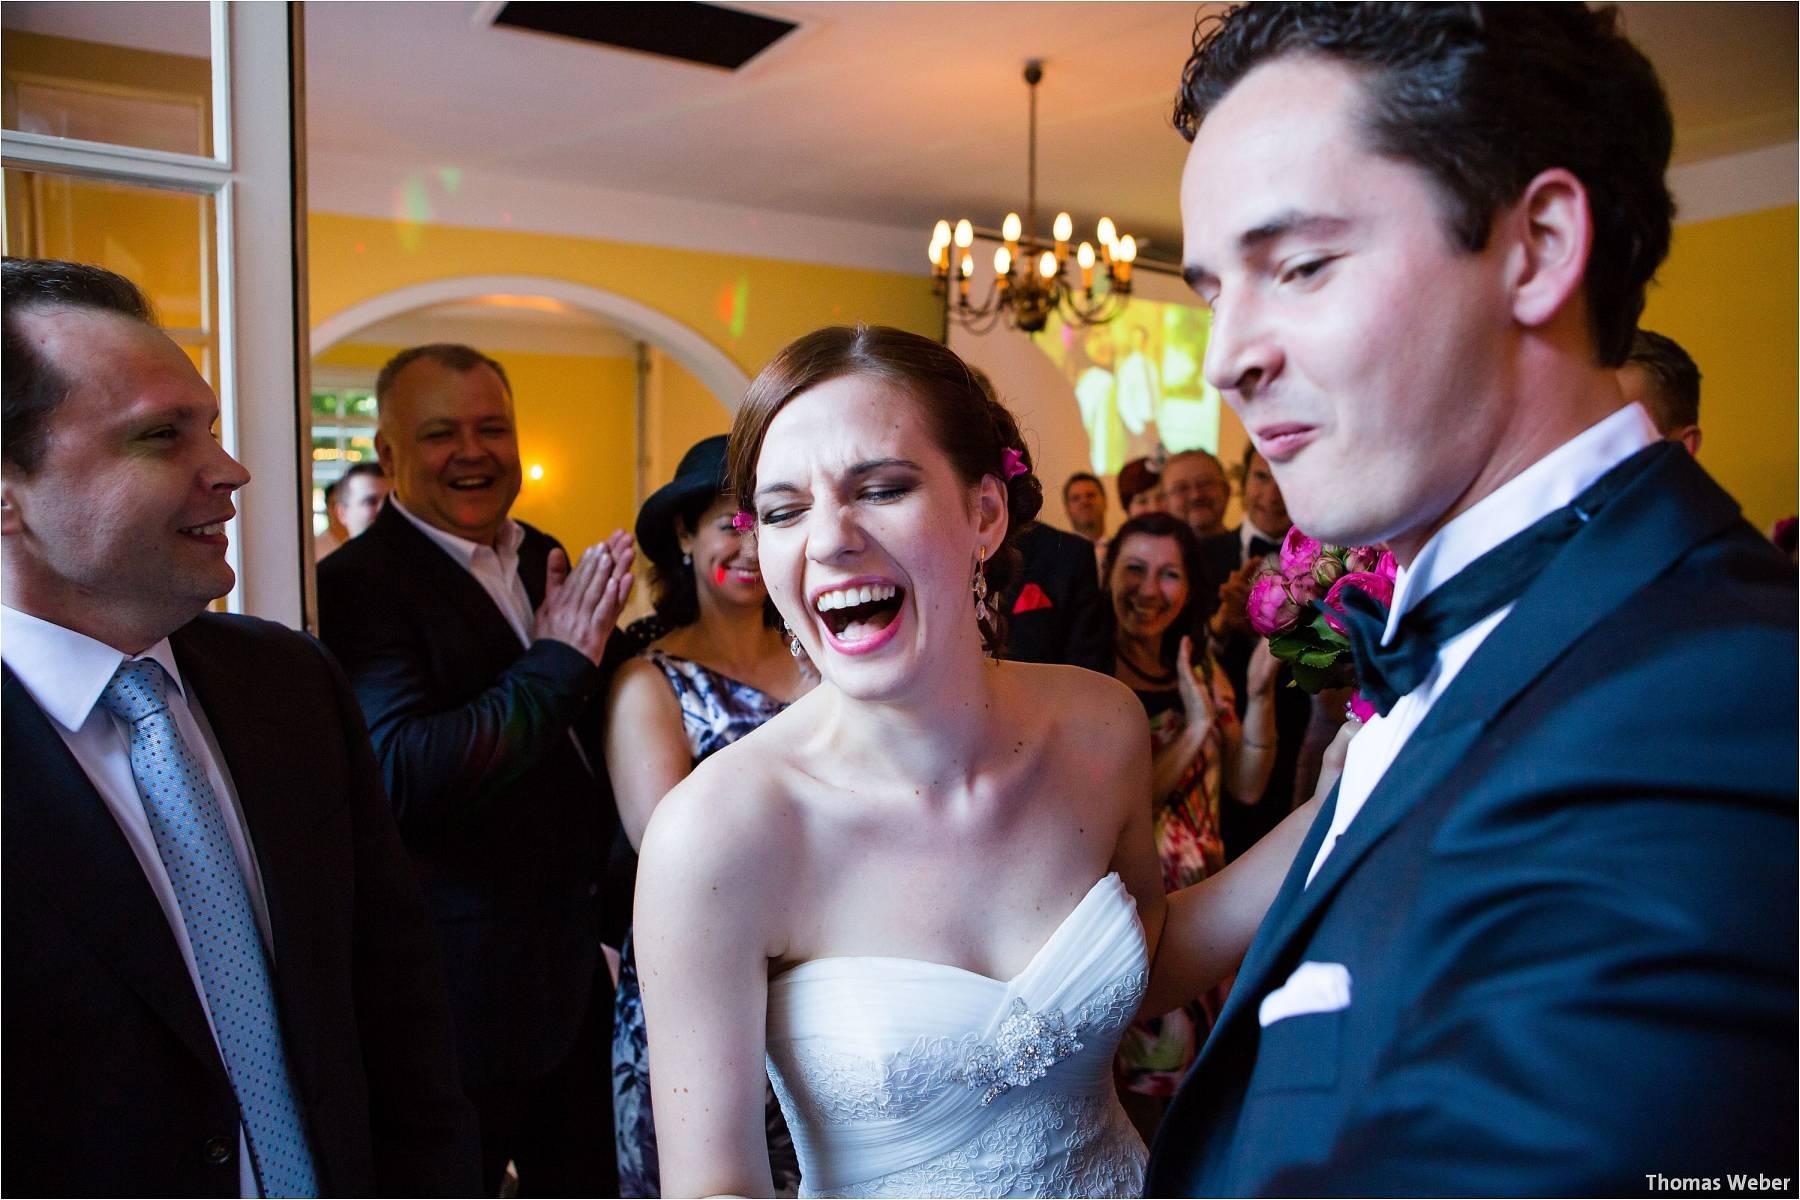 Hochzeitsfotograf Oldenburg: Russische Hochzeit im Standesamt am Pferdemarkt und Hochzeitsfeier im Landhaus Etzhorn (21)